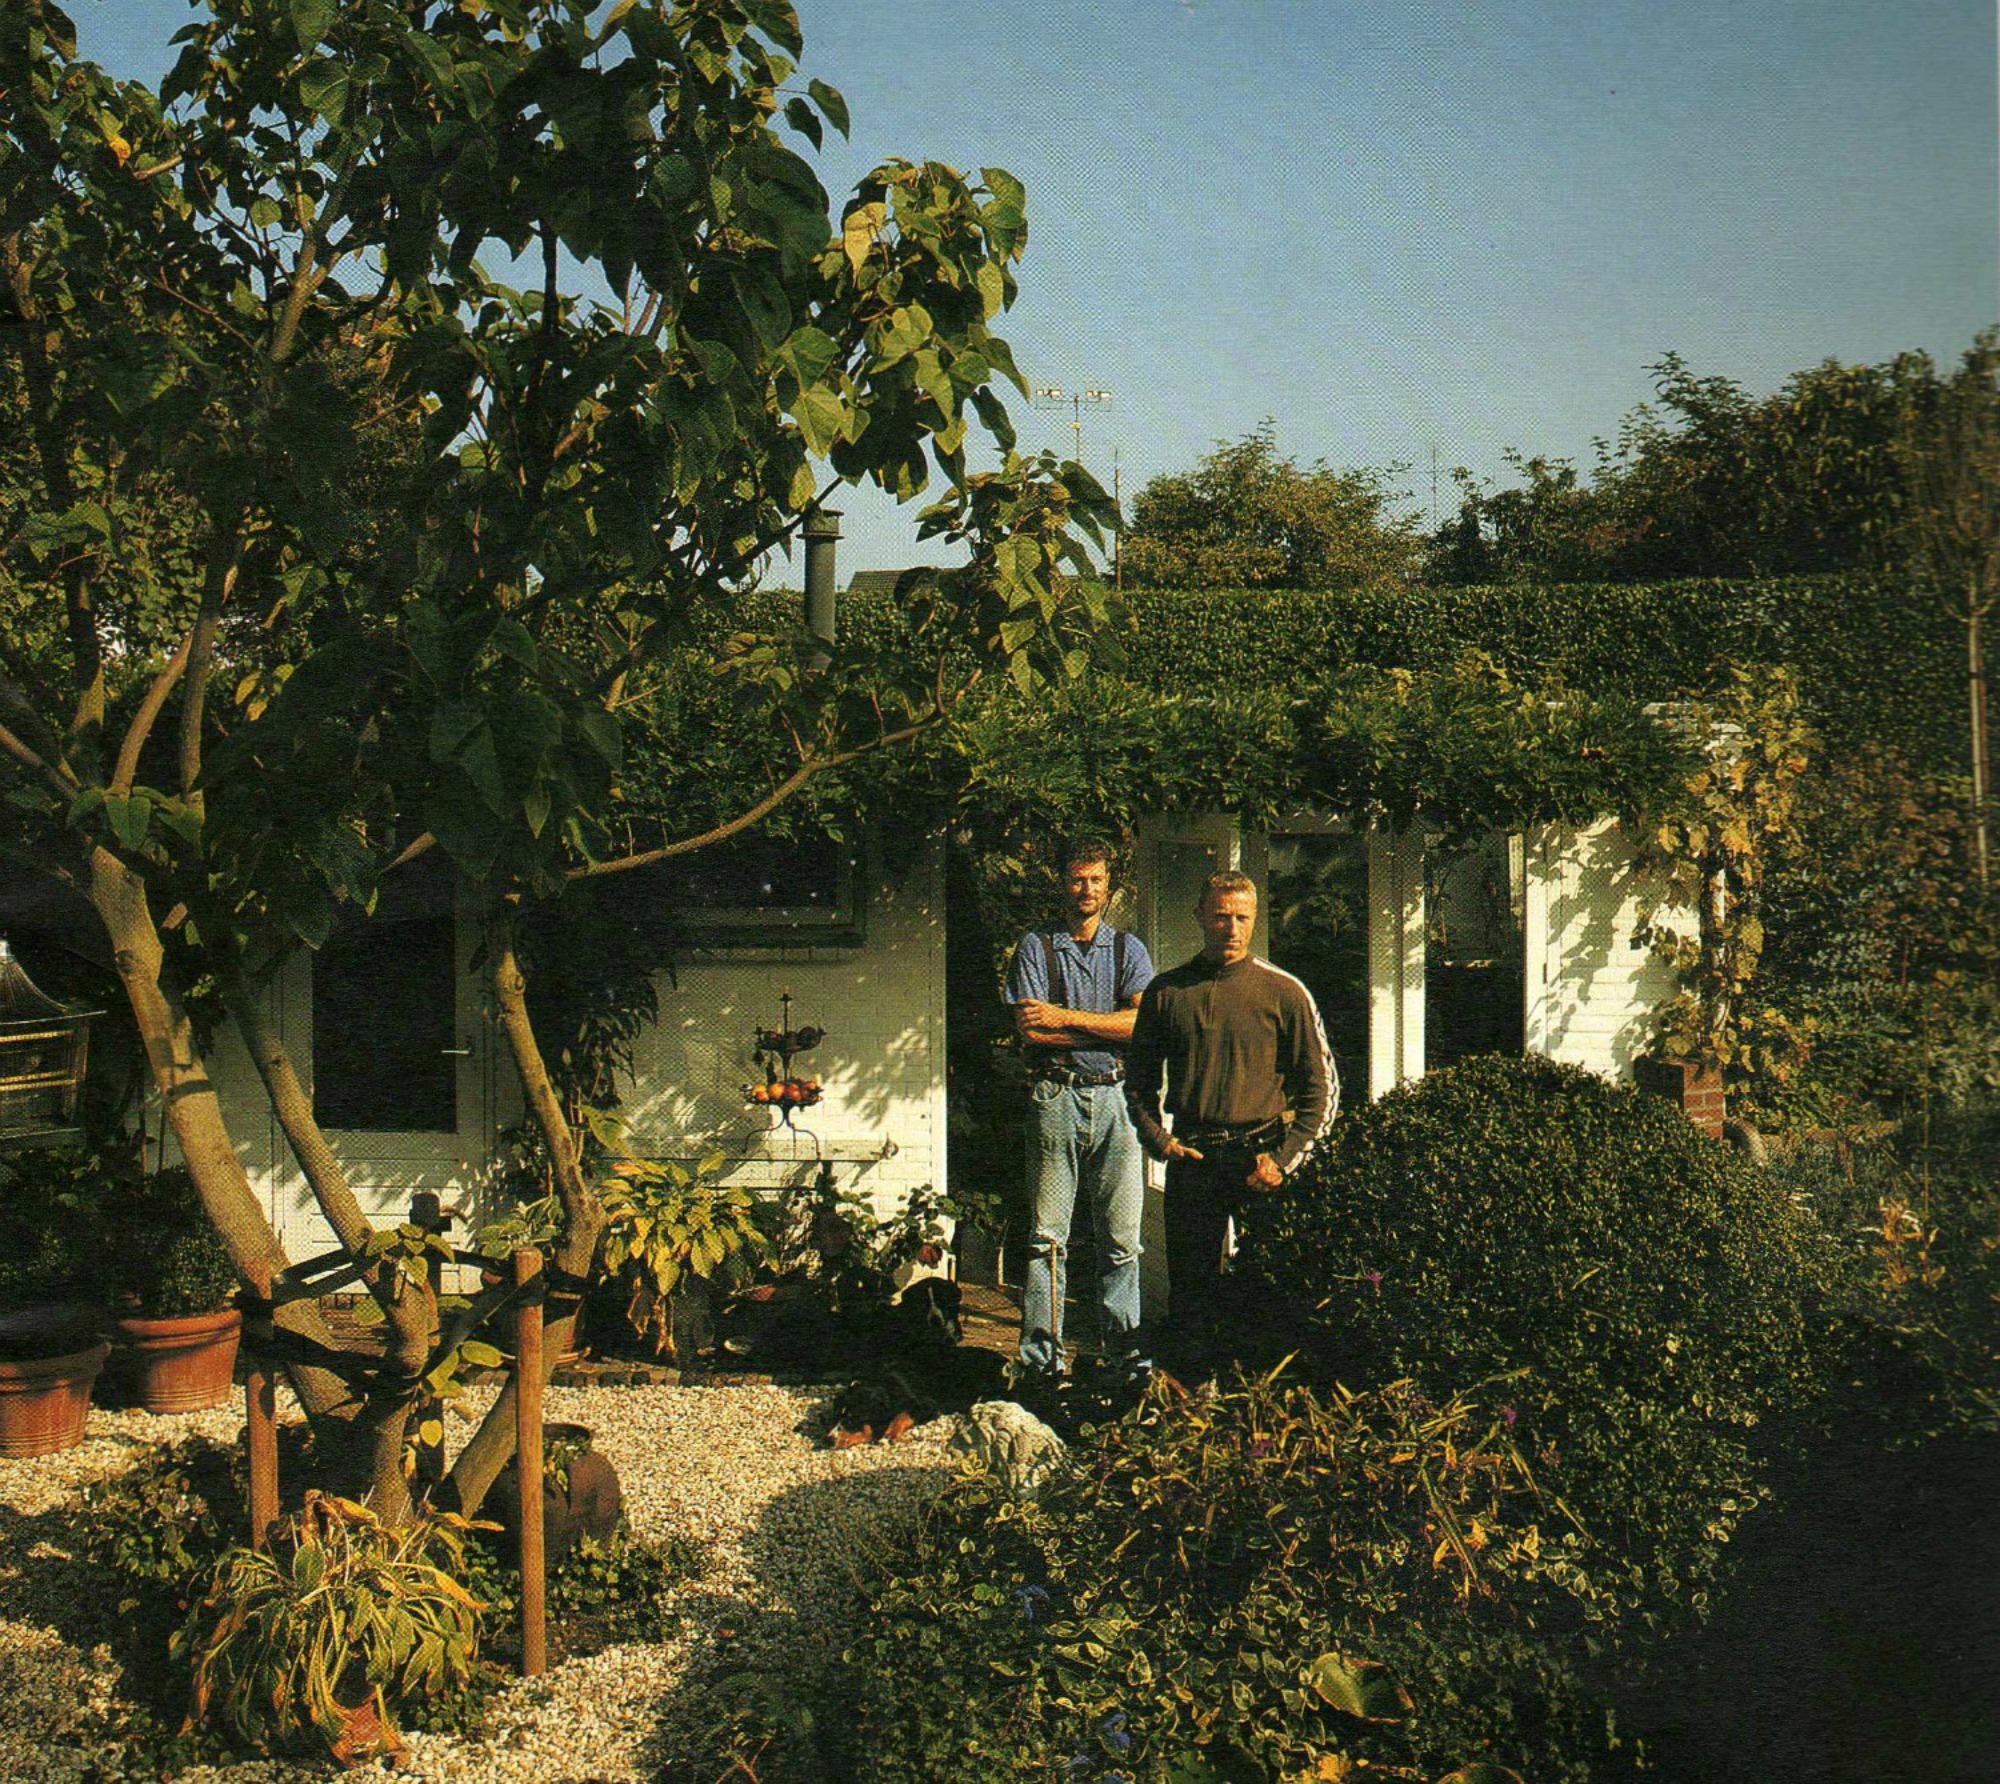 Tuinvedettes uit Gj. Deunk's archief: Jan van Opstal en Jo Willems (2), een eerbetoon